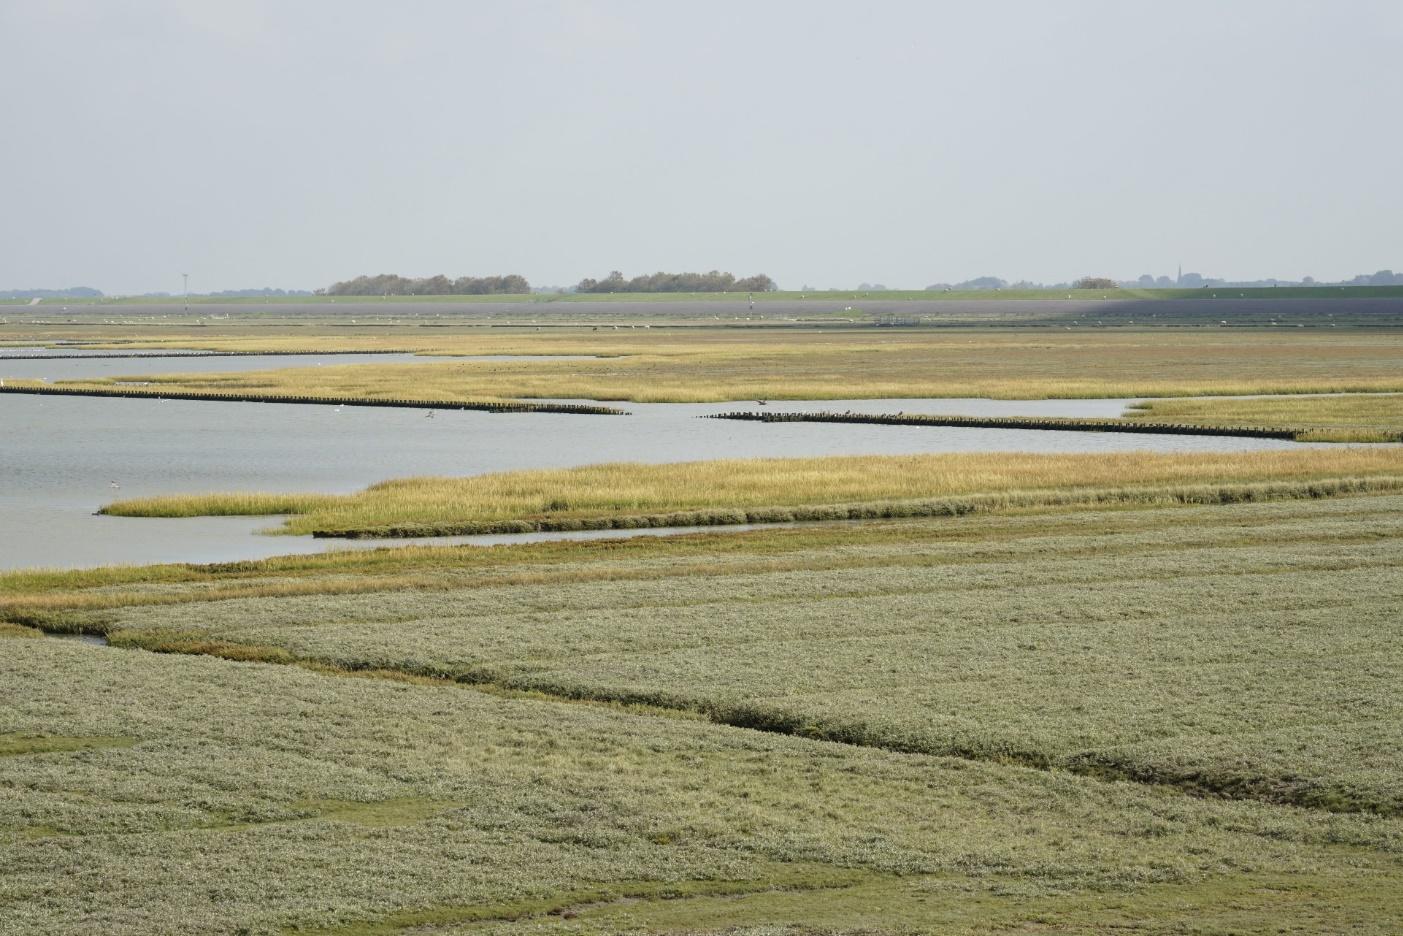 Afbeelding horend bij: Invloedsgebied van grondwateronttrekkingen voor droogteschade blijft 5 cm